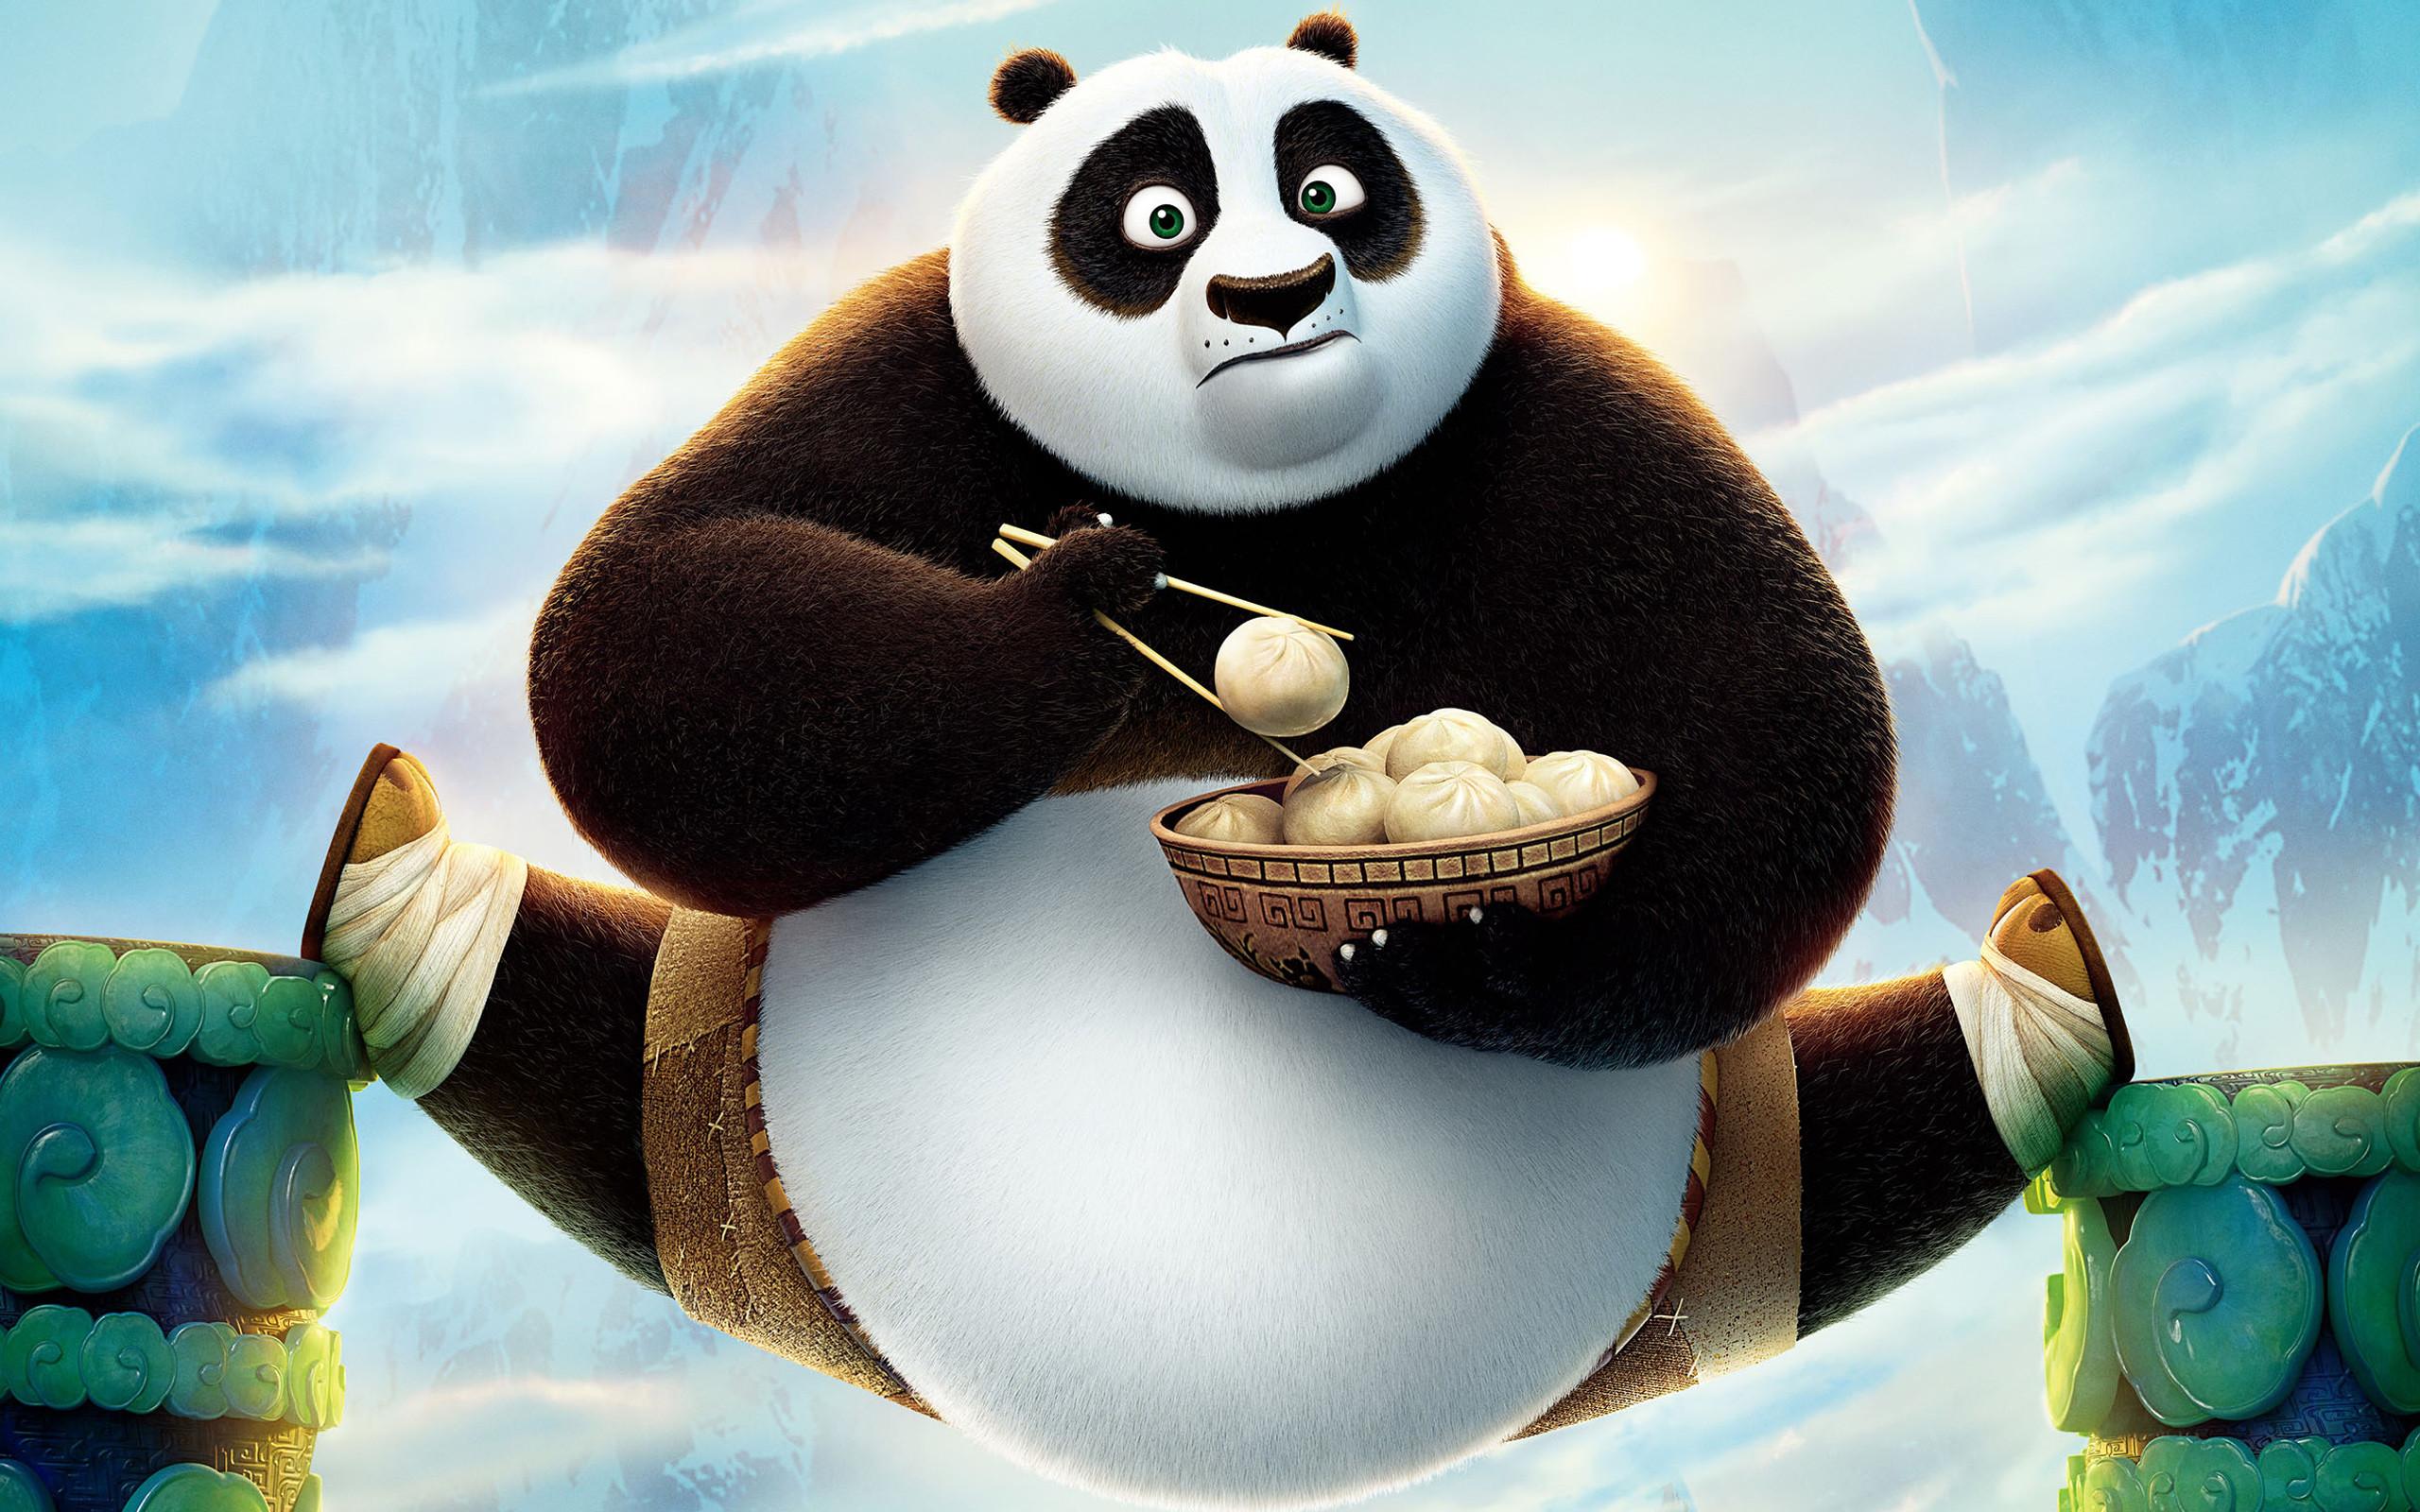 Res: 2560x1600, Tags: Panda Kung